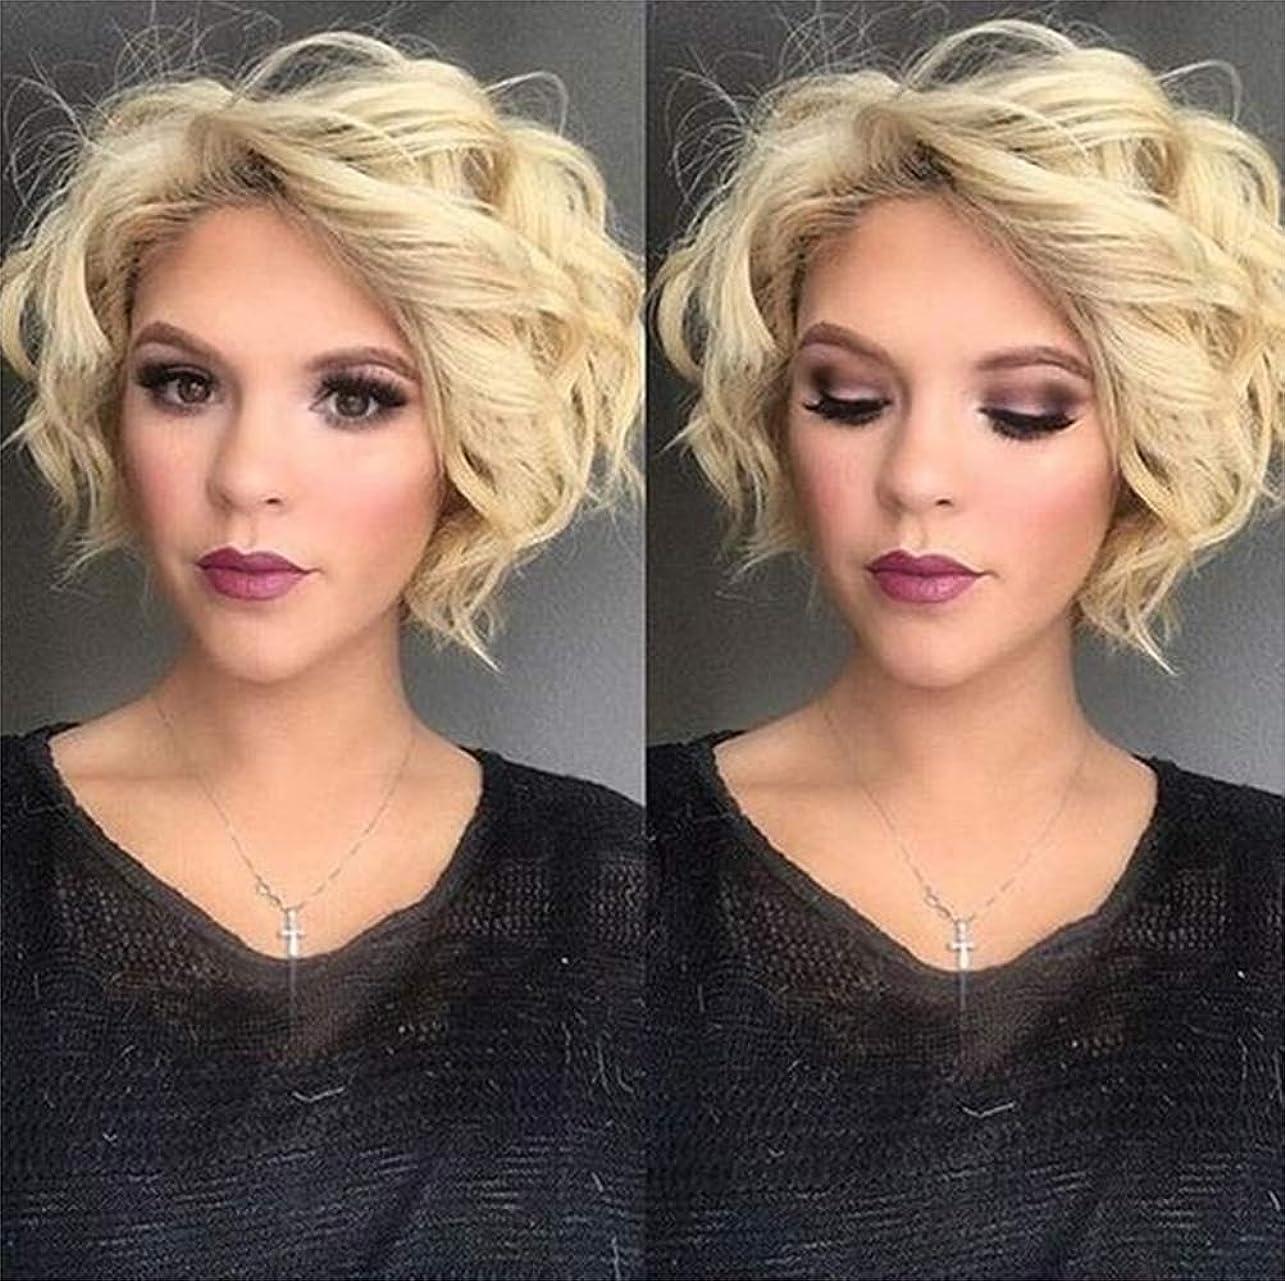 反対に関税いまかつら女性耐熱短髪混色カール人工毛フルヘアかつらゴールド32センチ